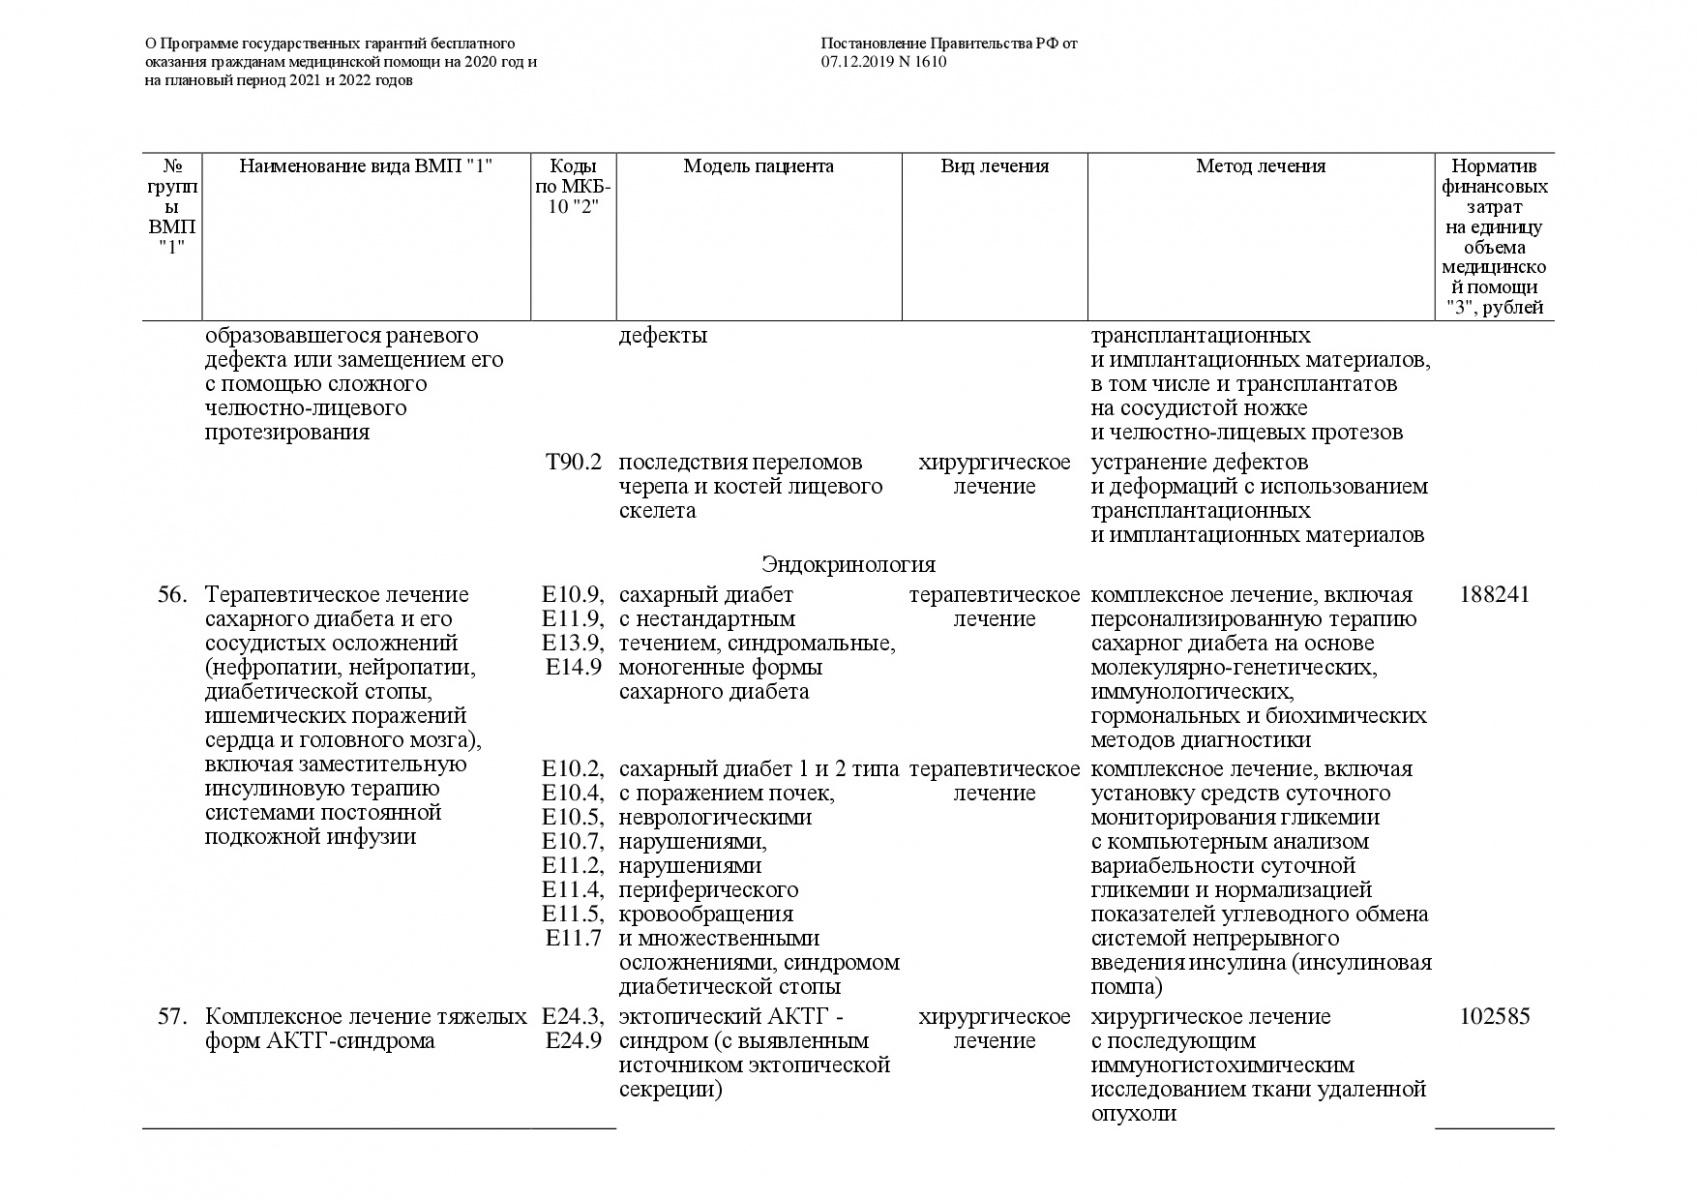 Postanovlenie-Pravitelstva-RF-ot-07_12_2019-1610-O-PGG-136